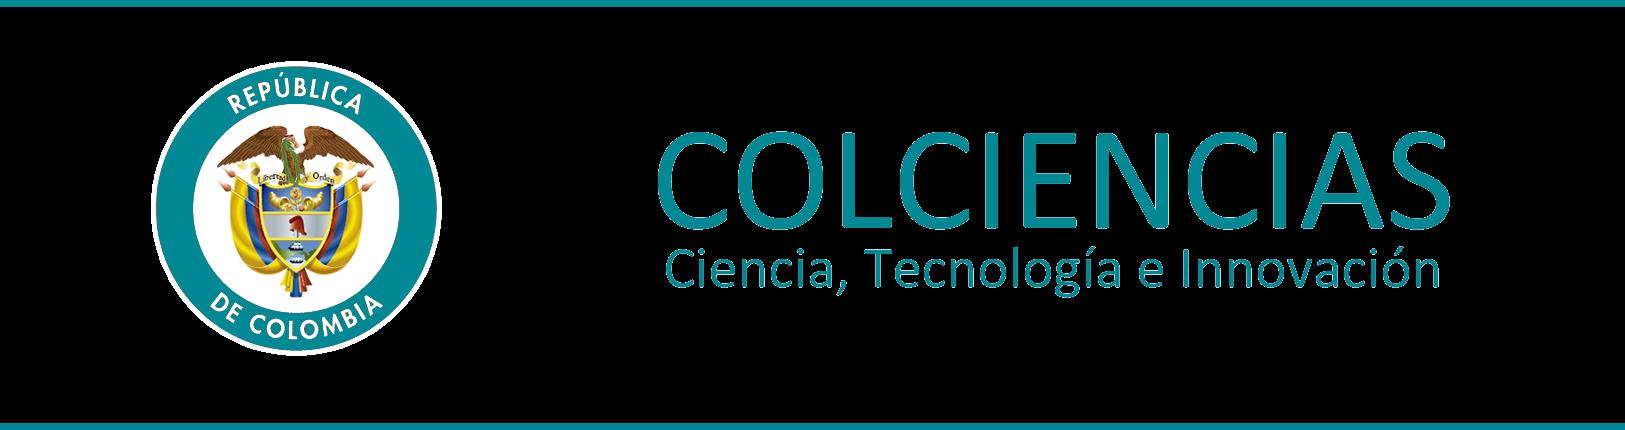 enlace y logo de colciencias